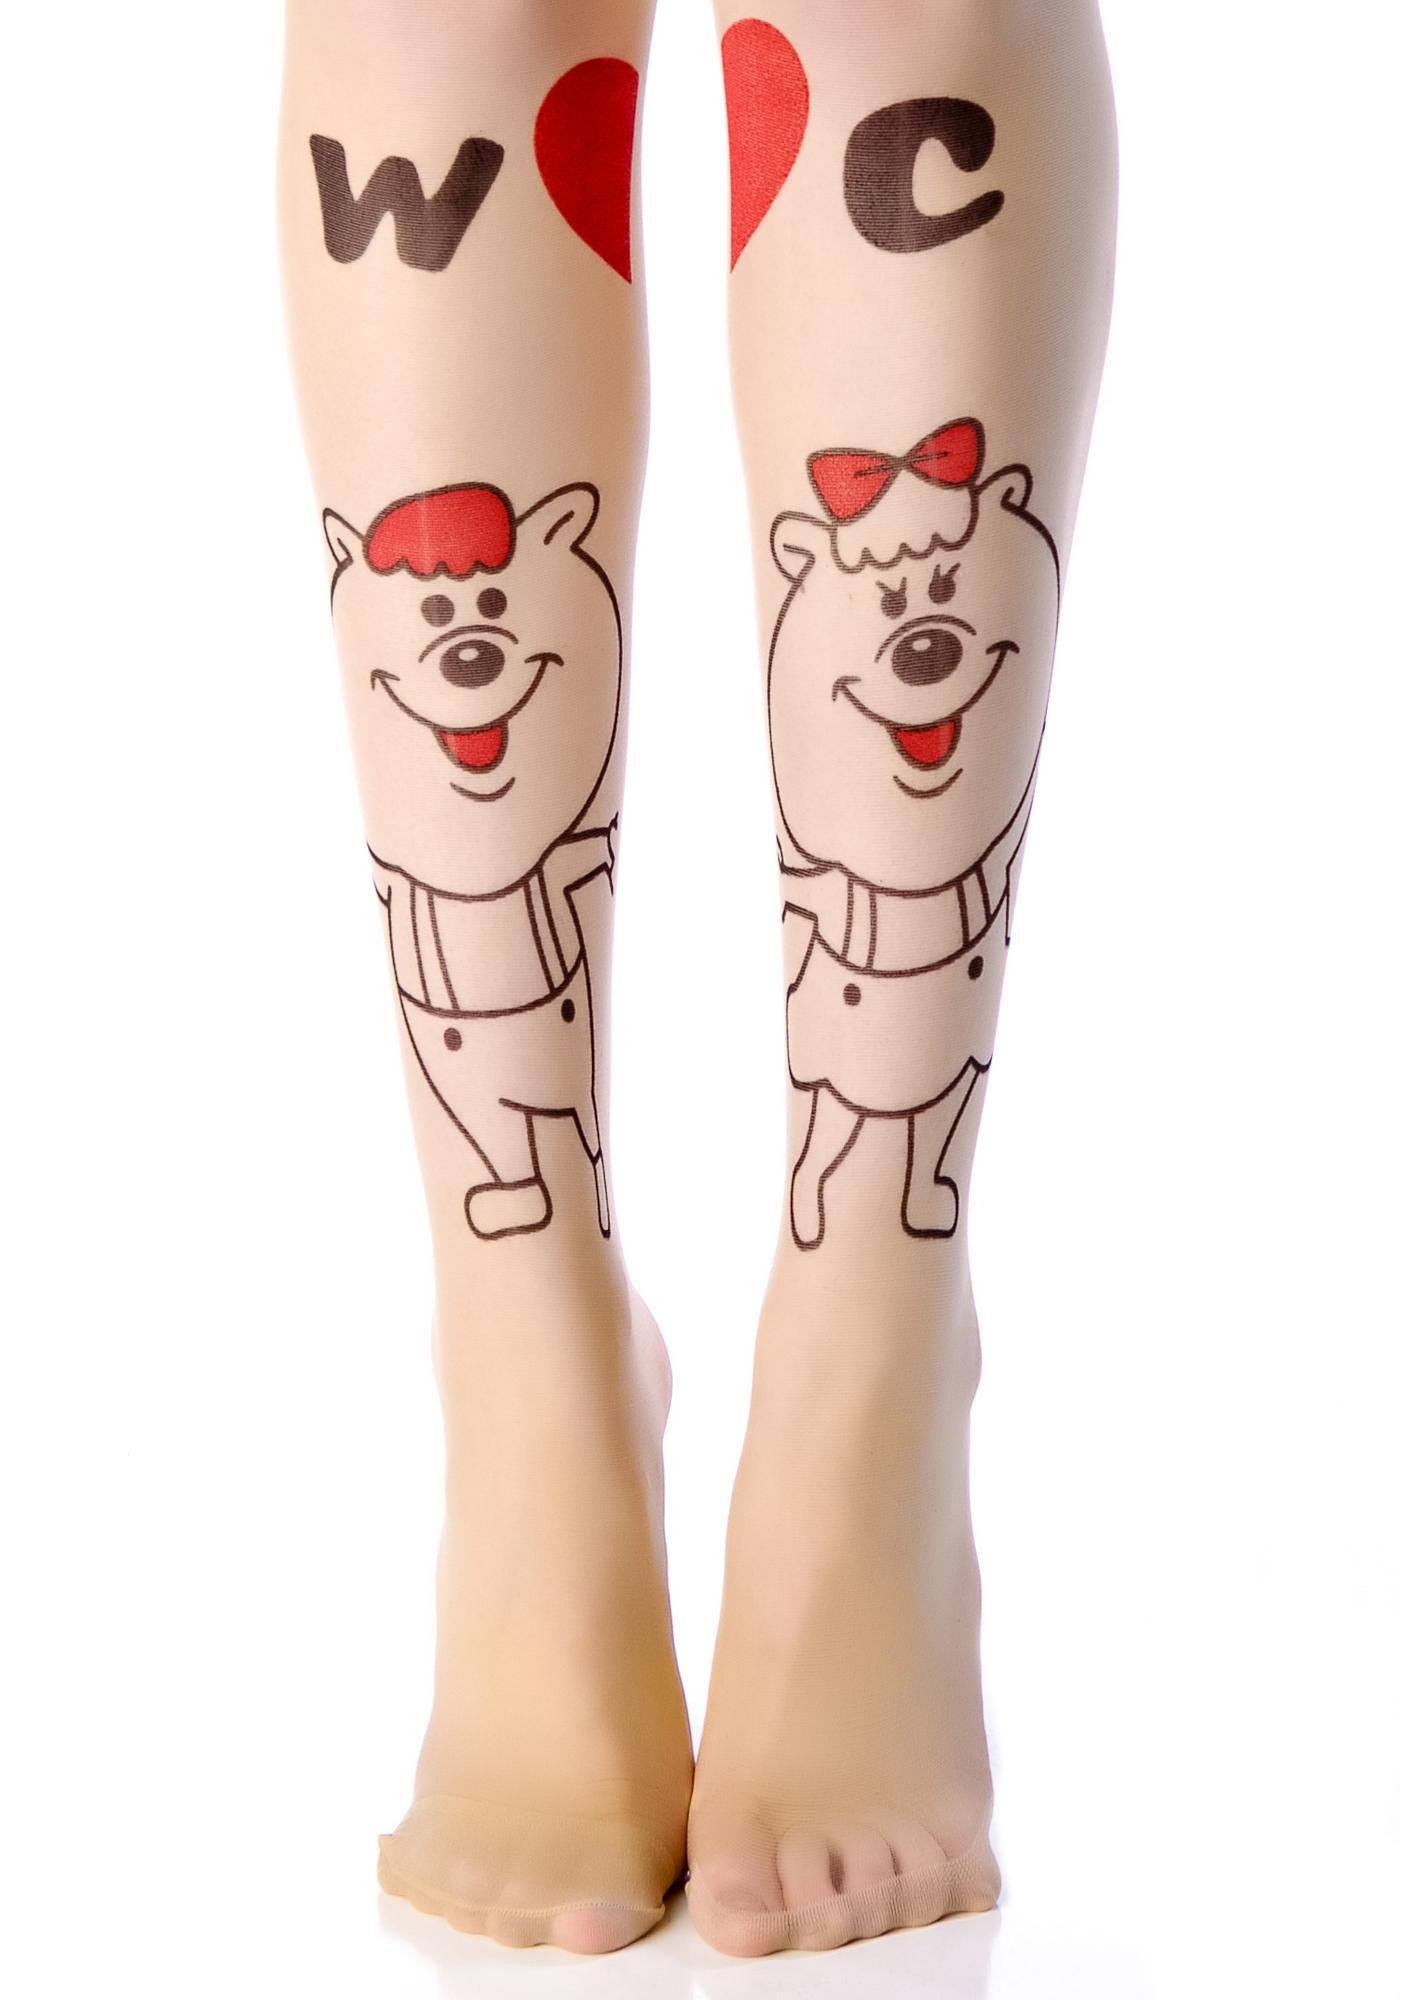 W<3C Bear Love Tattoo Tights